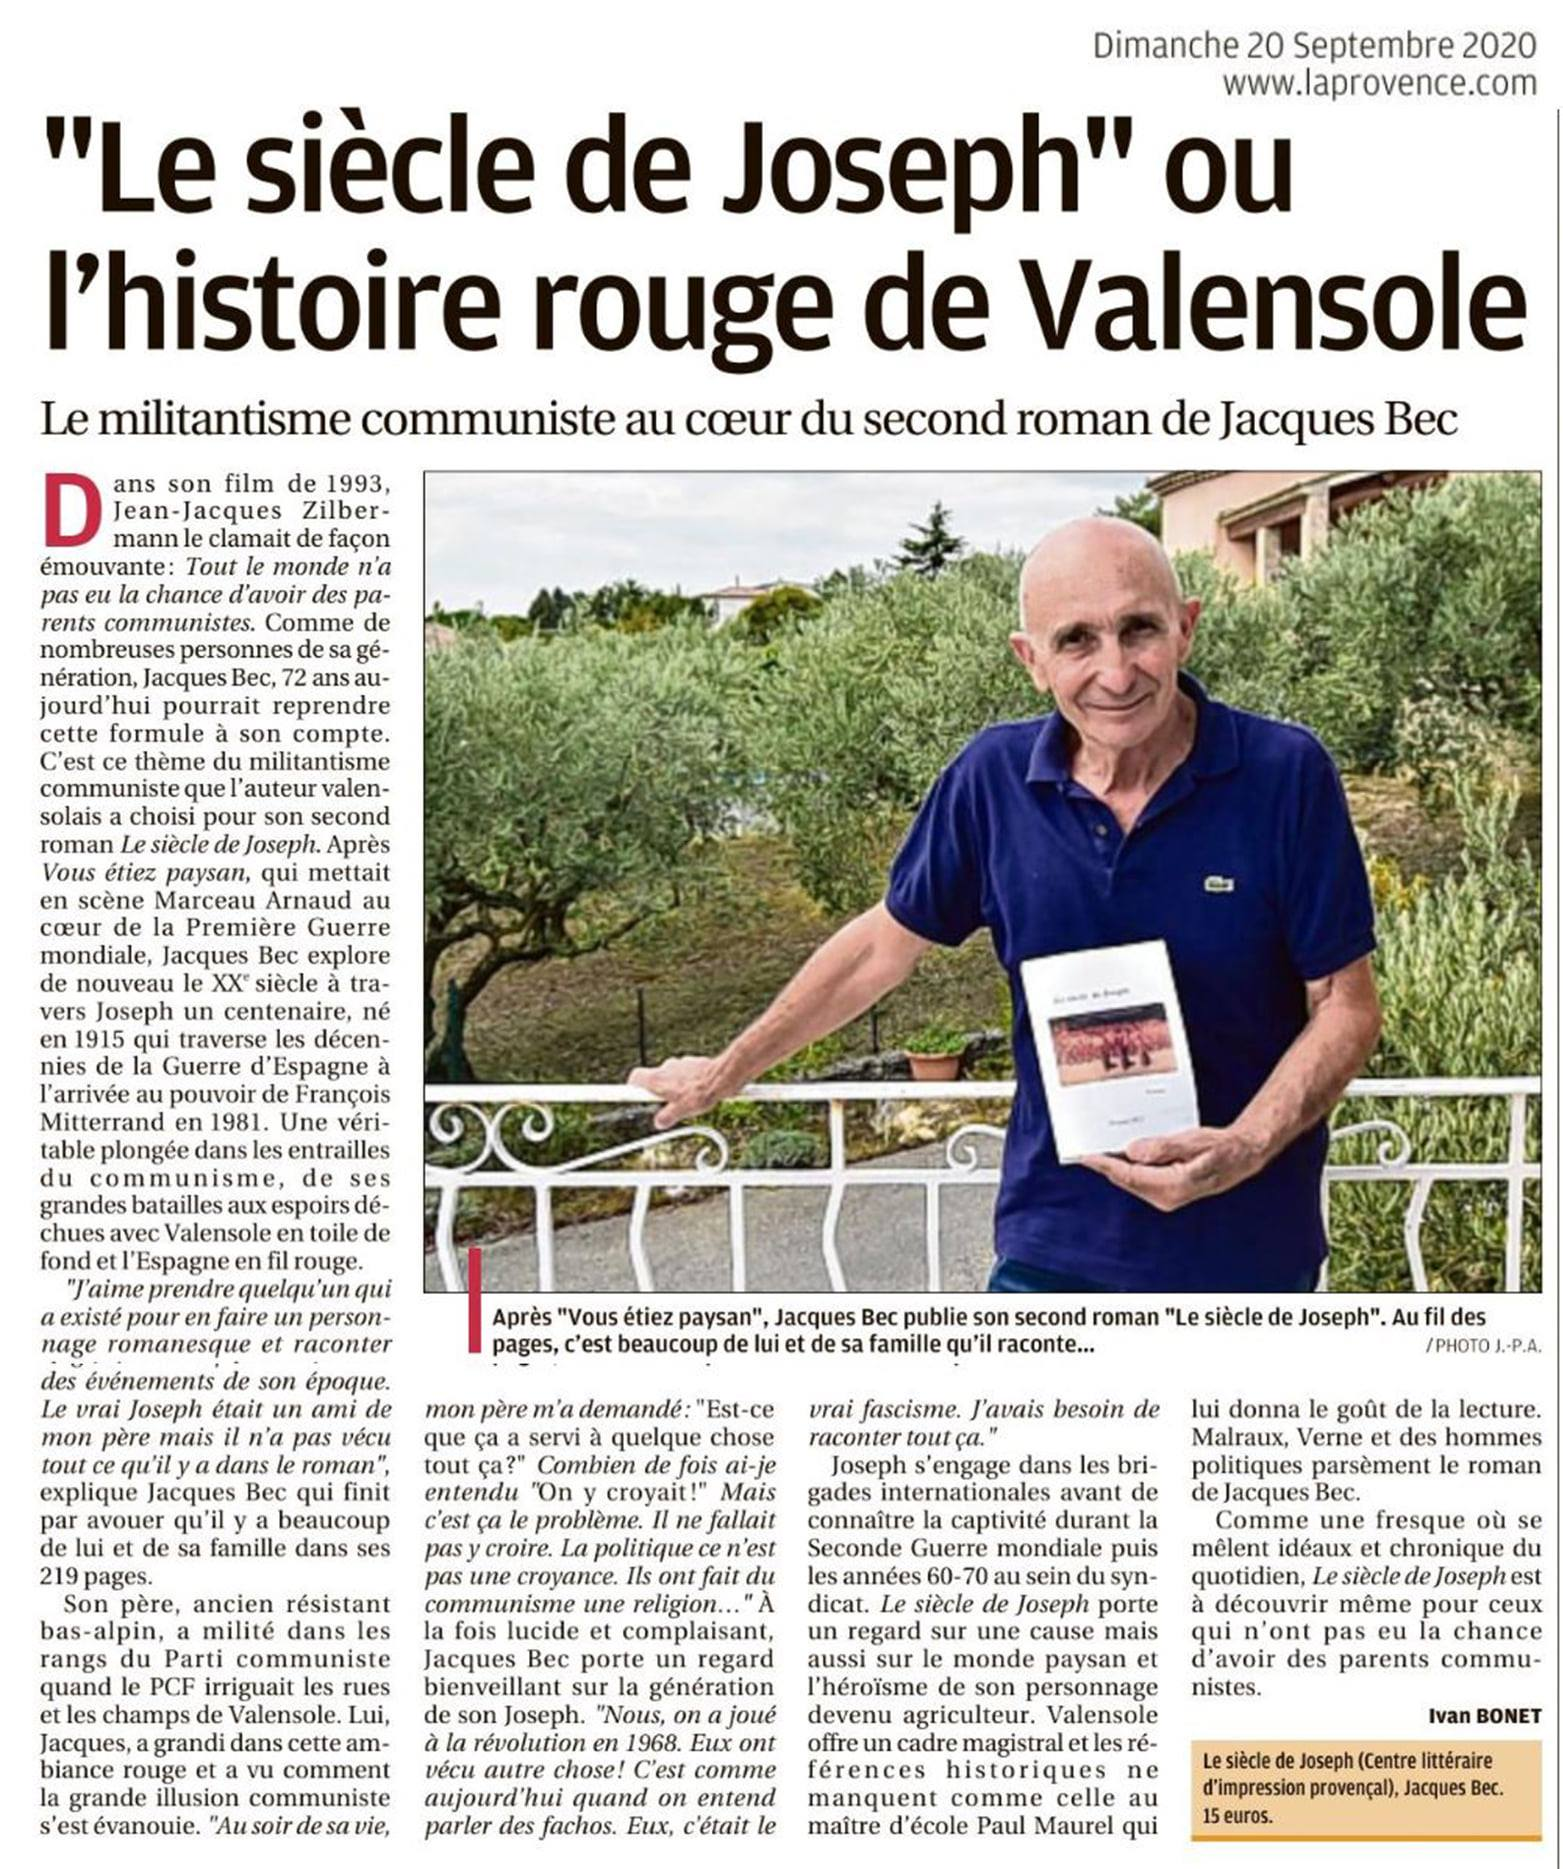 Jacques Bec présente son nouveau roman